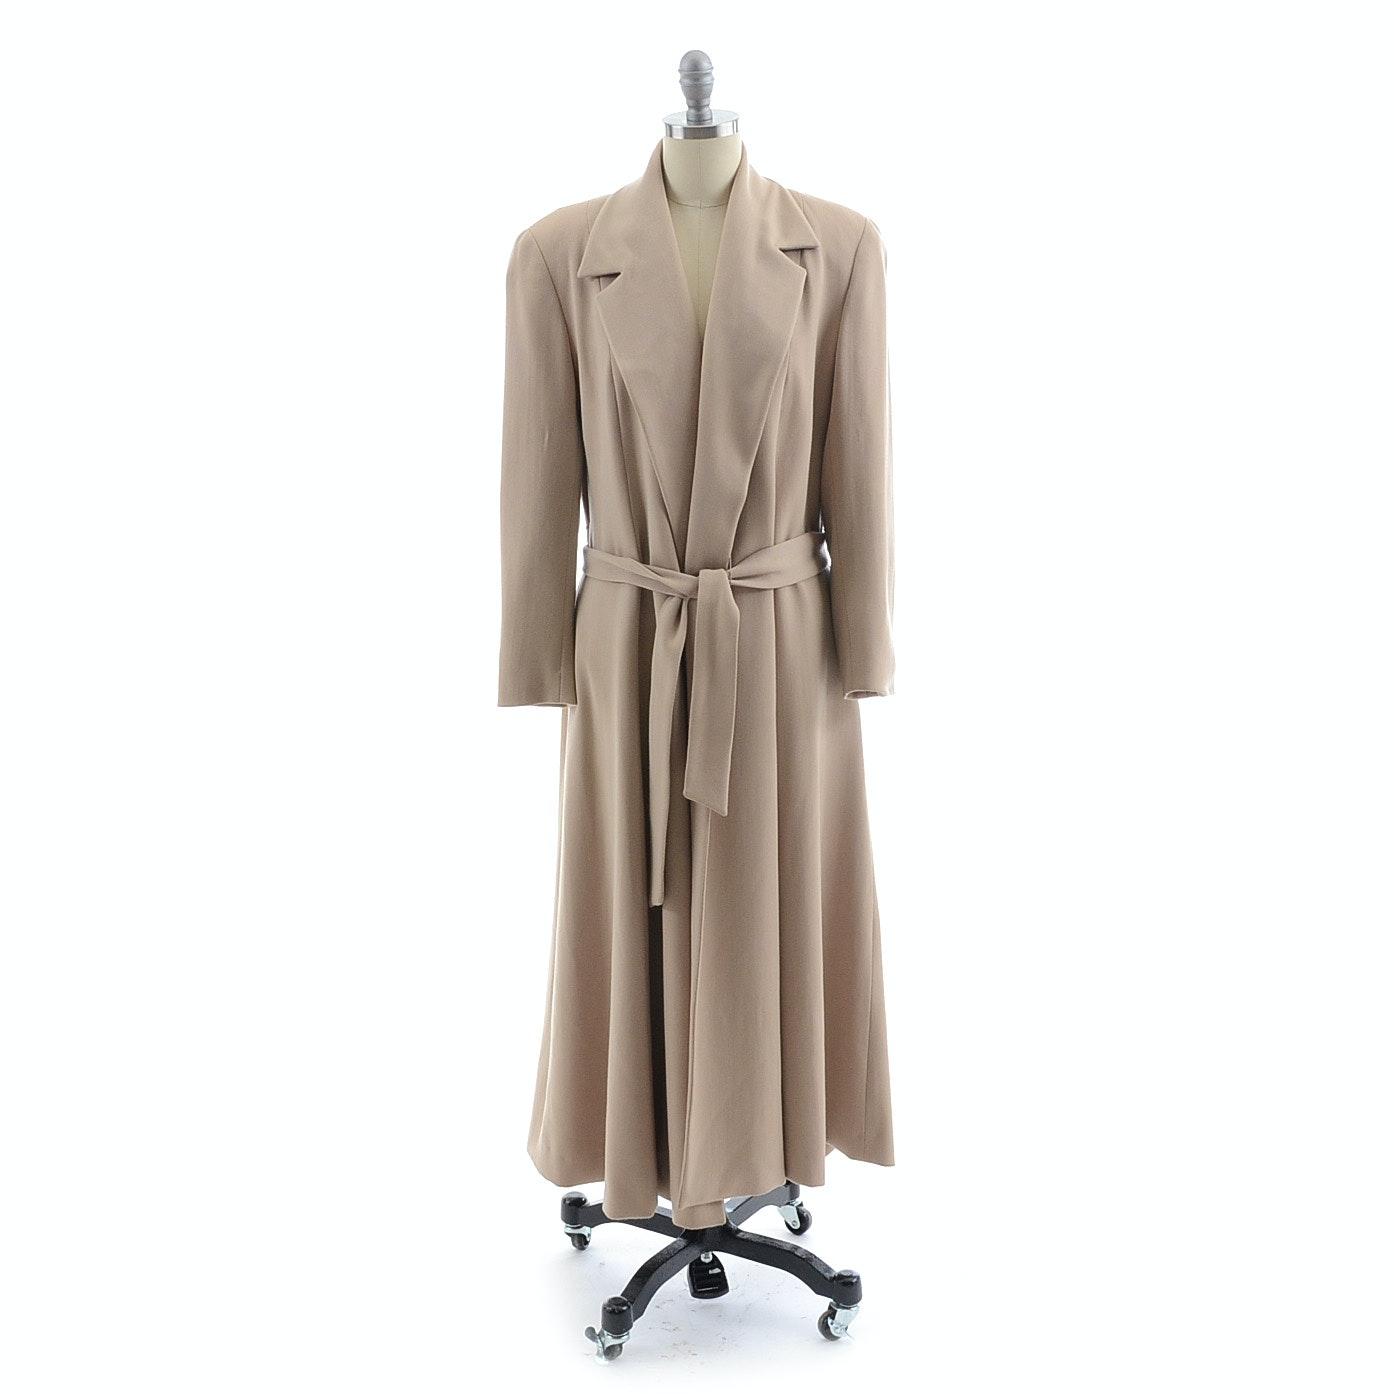 Ralph Lauren Wool Coat with Tie Belt in Camel